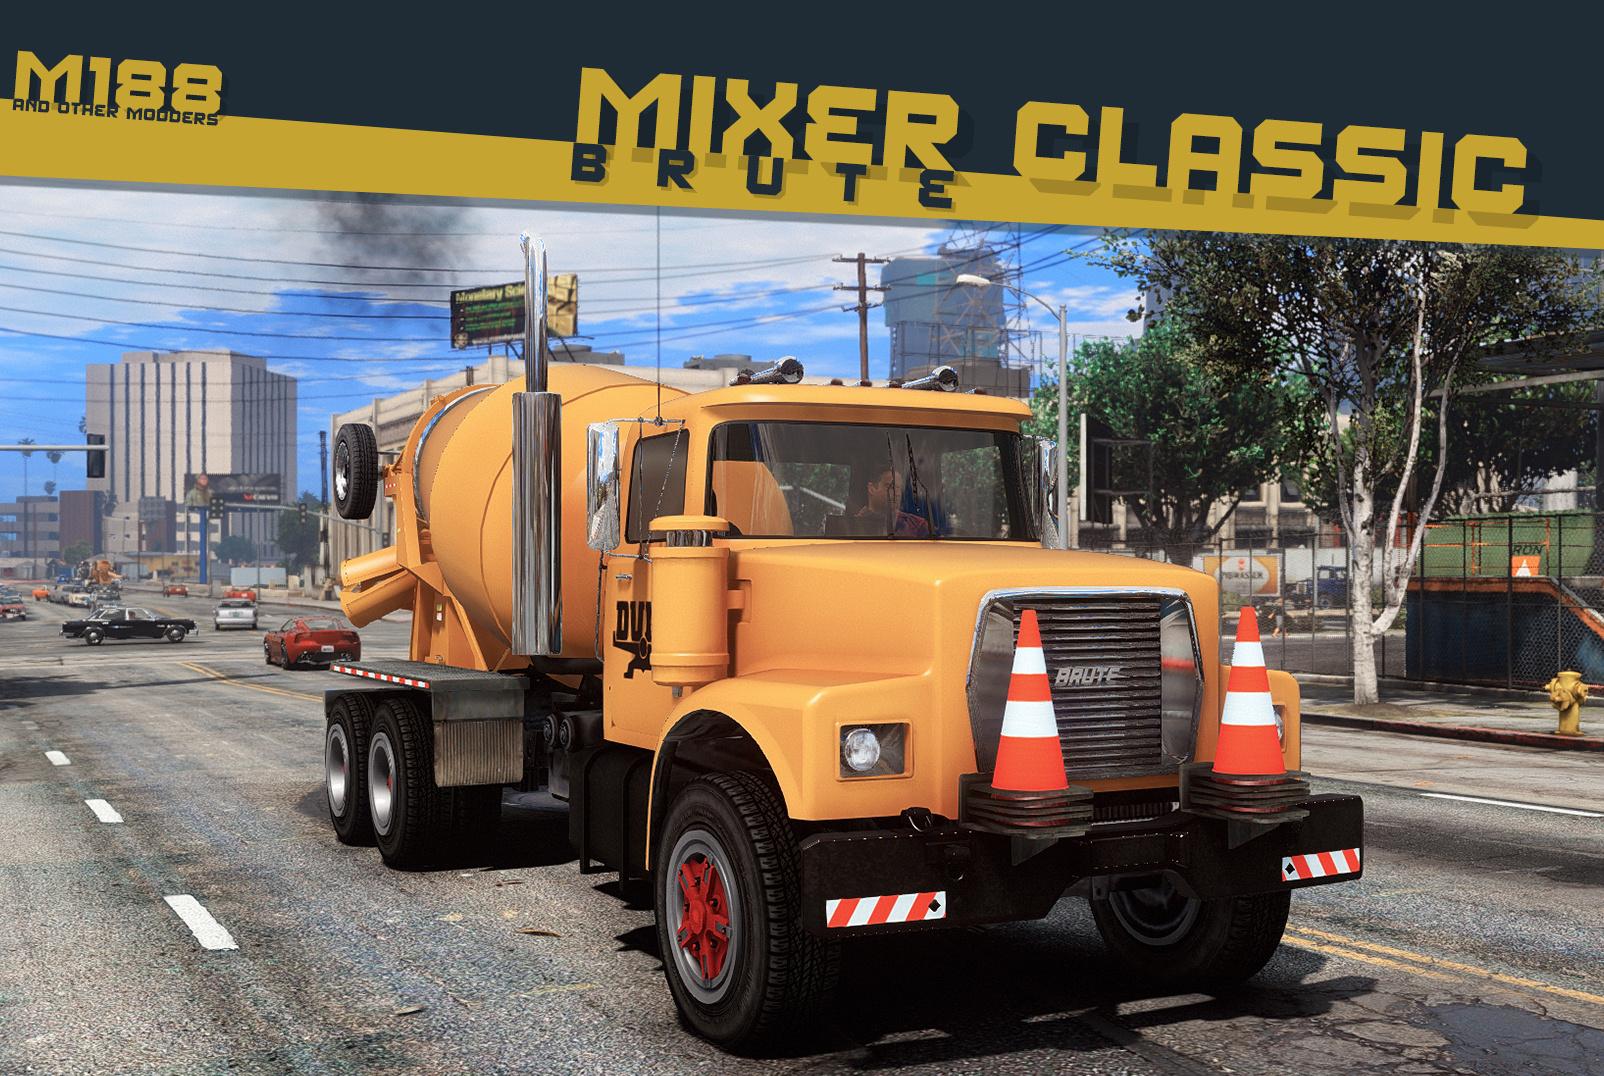 e6ffe2-MixerClassic.jpg